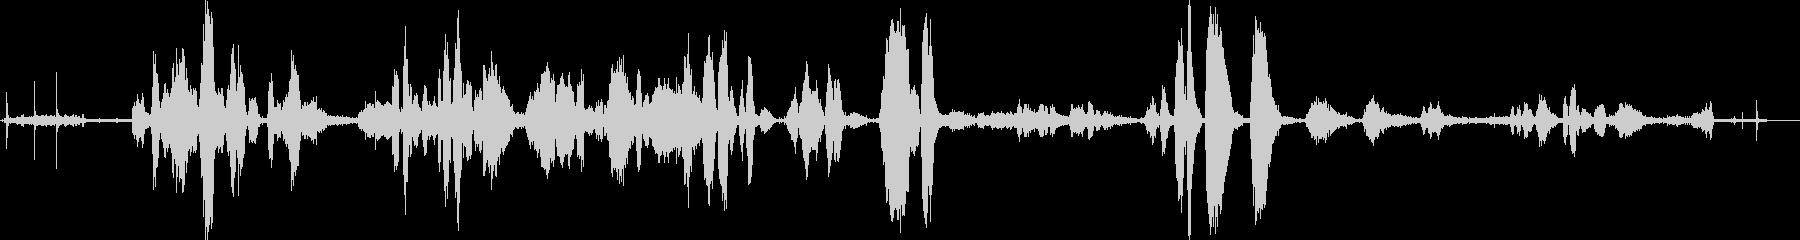 Victrola;クリックして、ス...の未再生の波形